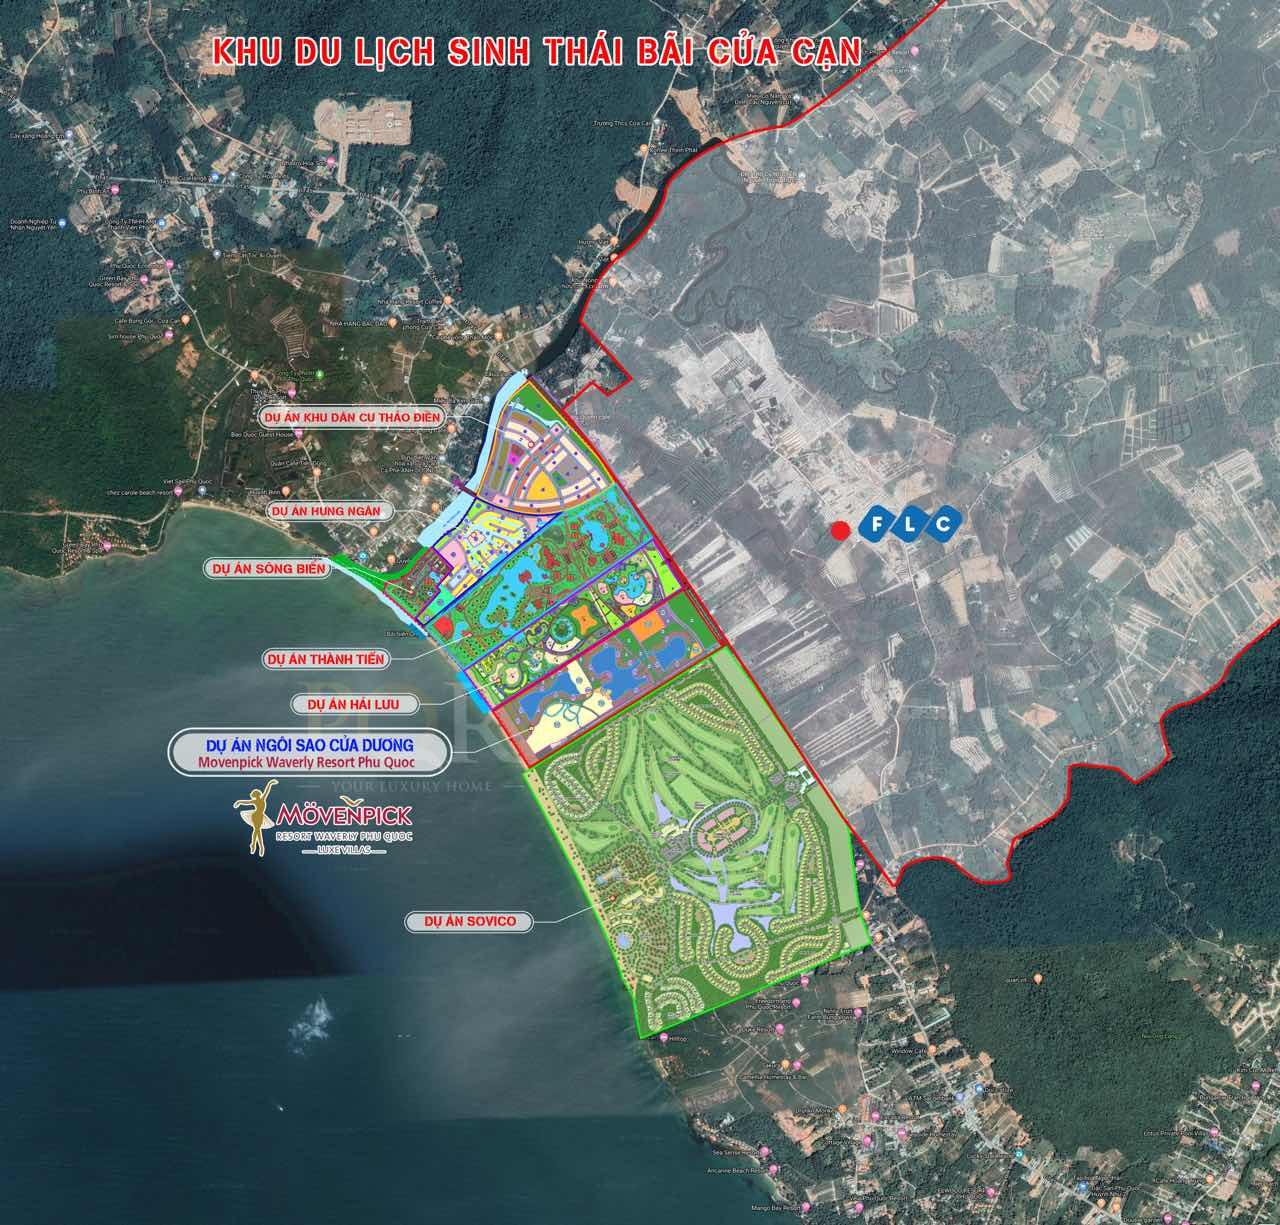 """Quy hoạch các dự án tại Bãi Ông Lang Phú Quốc - WikiPhuQuoc bãi ông lang - Quy-hoạch-các-dự-án-tại-Bãi-Ông-Lang-Phú-Quốc-WikiPhuQuoc - Bãi Ông Lang – """"ốc đảo bình yên"""" lãng mạn tựa nàng thơ tại Phú Quốc."""